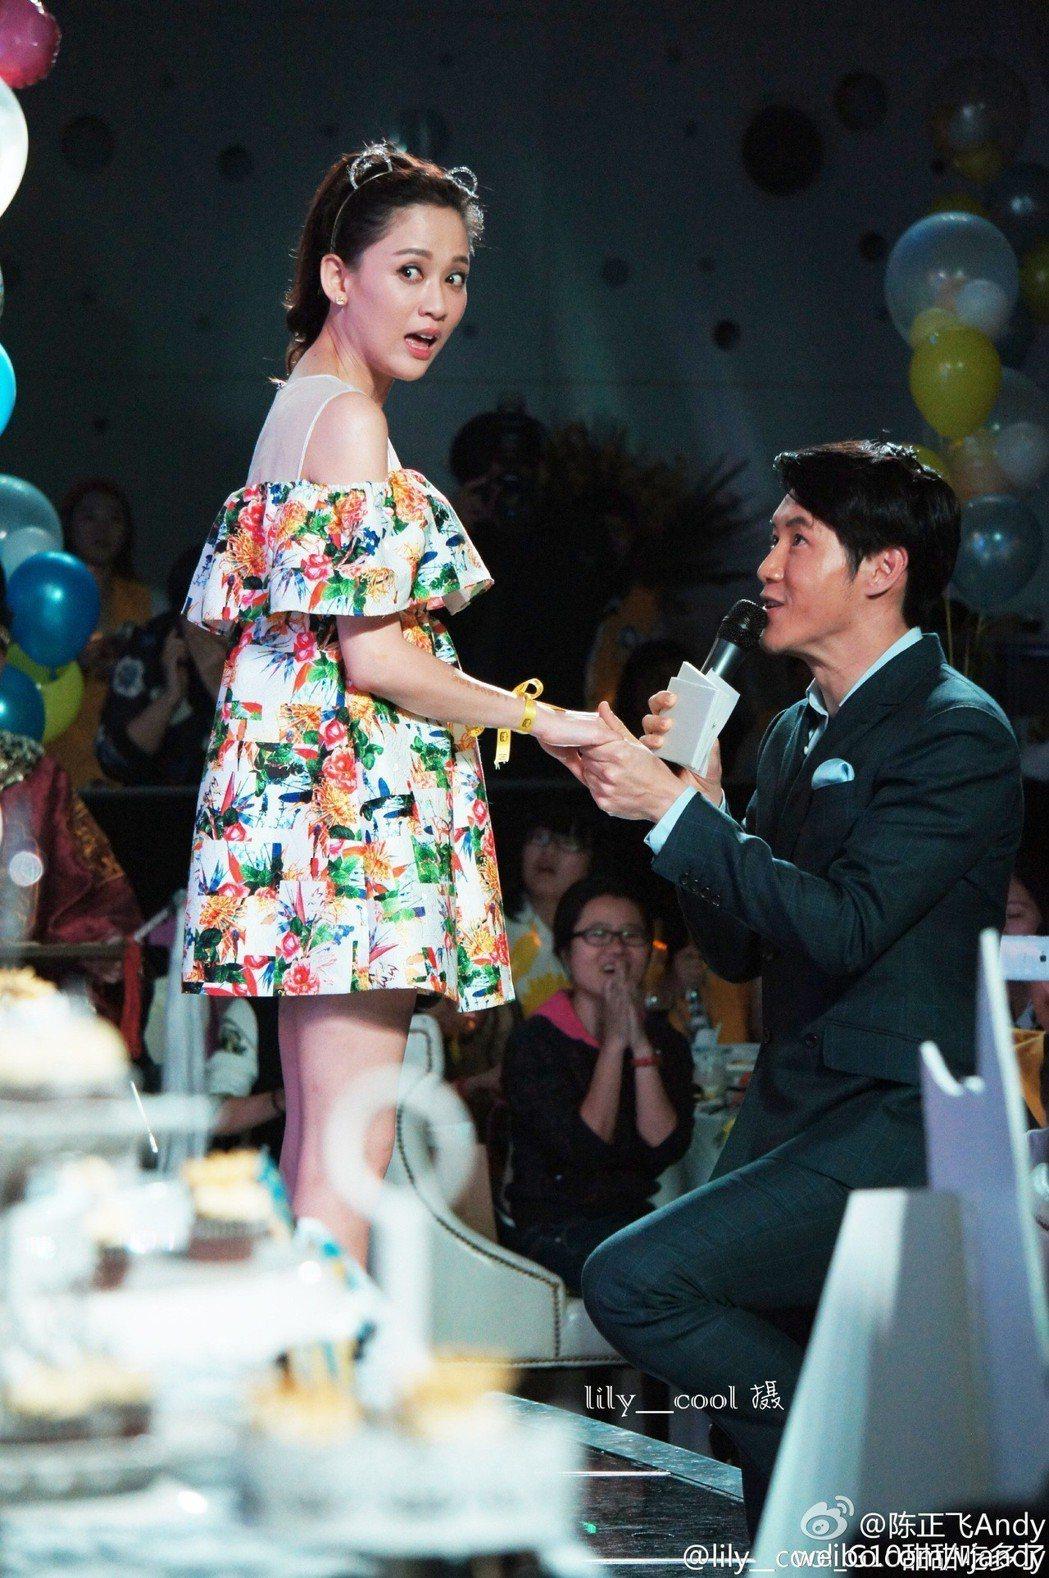 陳正飛與陳喬恩曾有過定情婚約。 圖/擷自微博